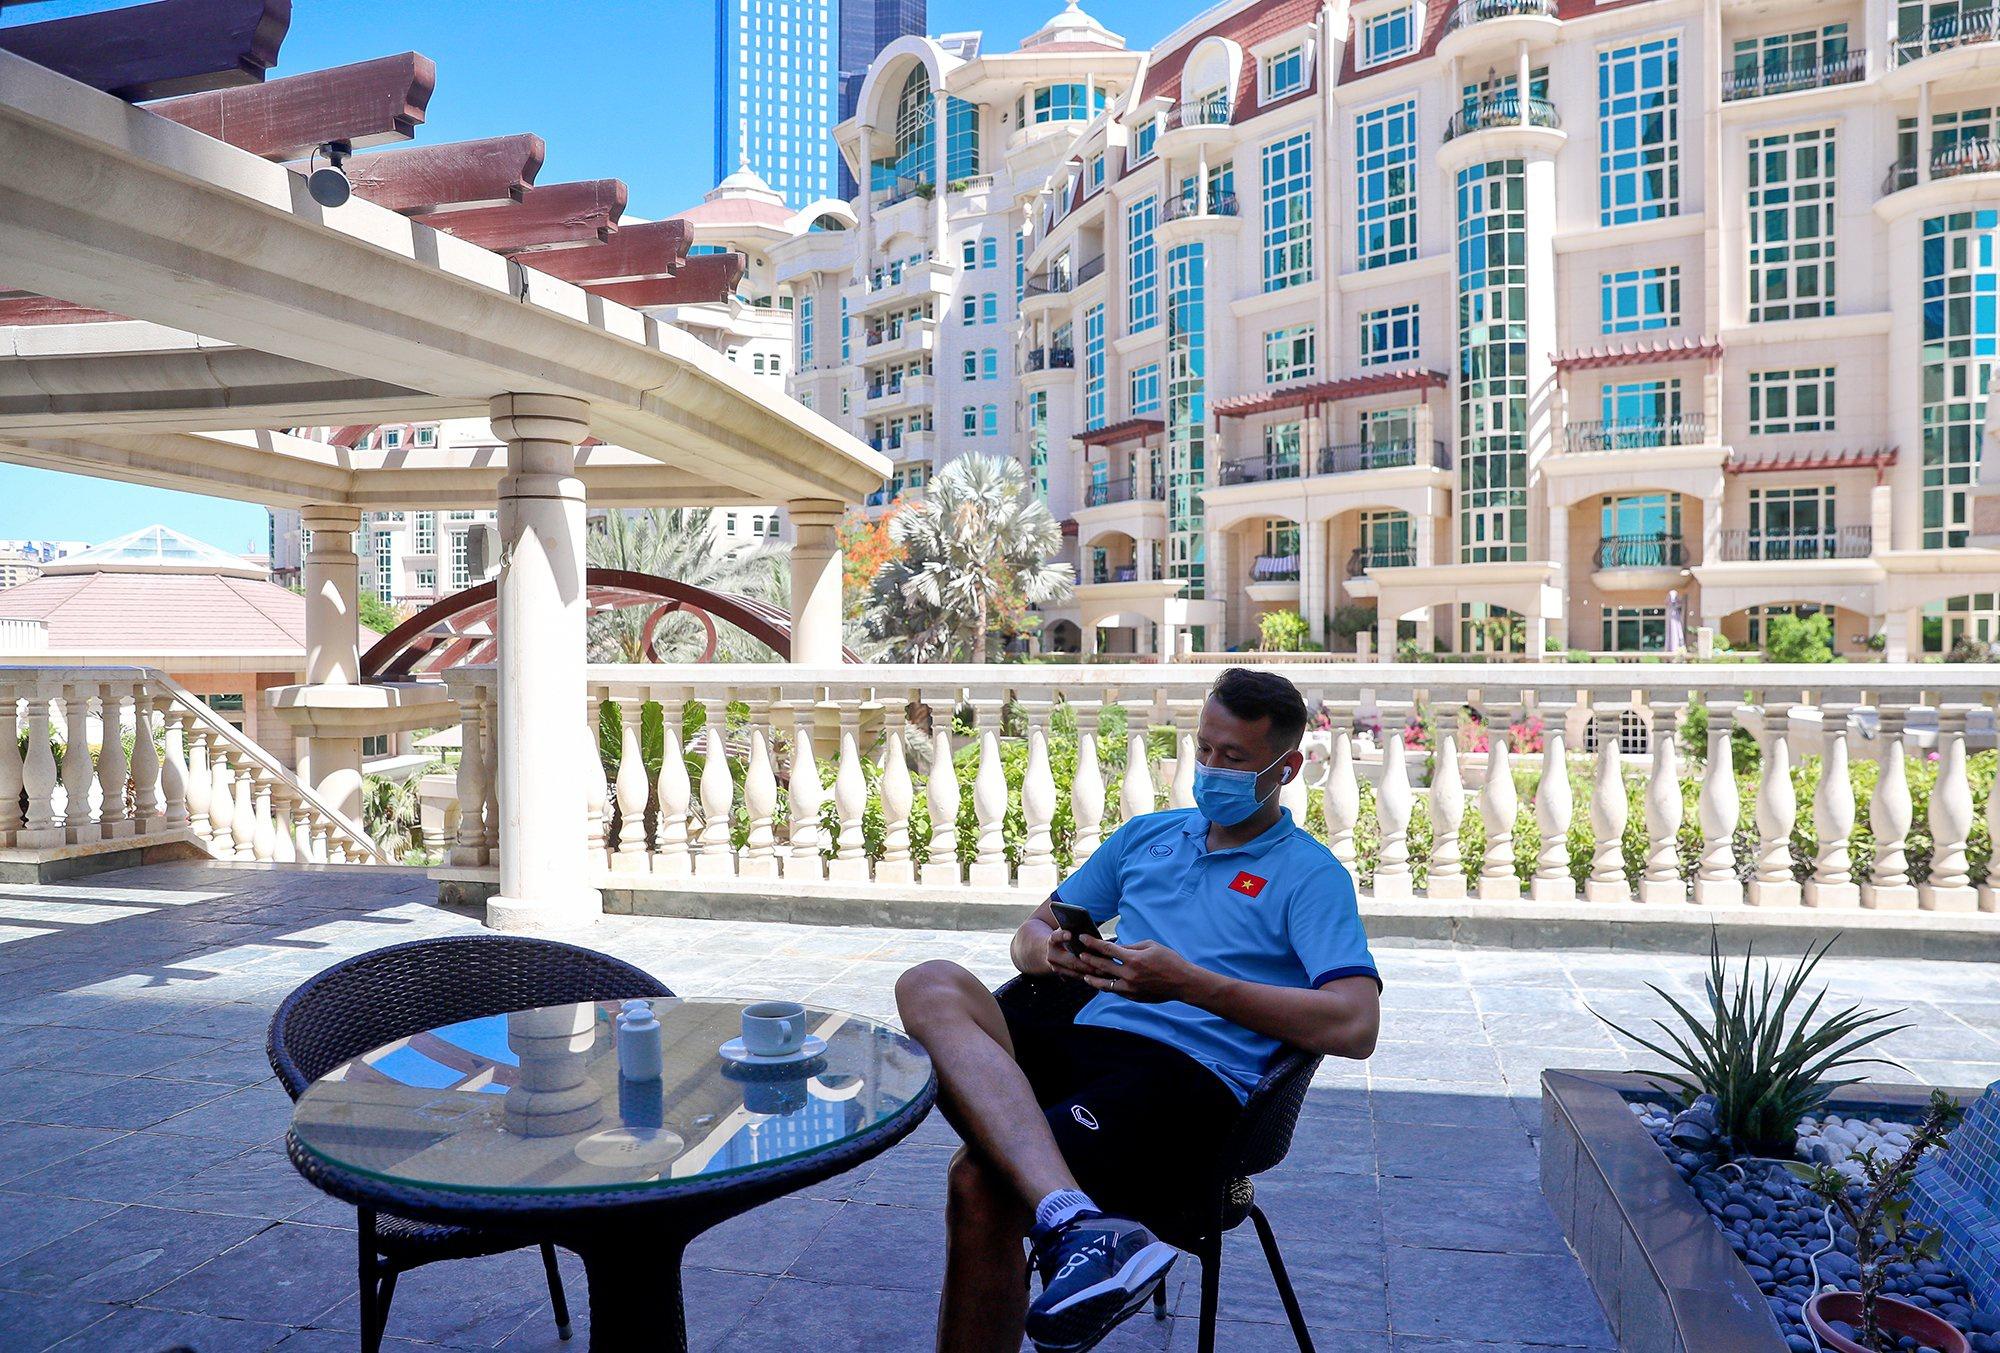 Cận cảnh nơi ăn chốn ở 'siêu sang, xịn' của đội tuyển Việt Nam tại Dubai - 3